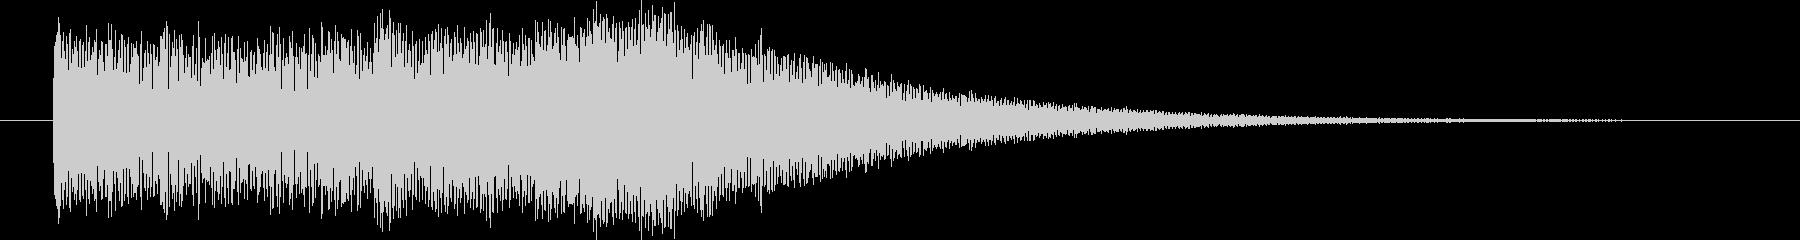 映像オープニングに最適なロゴ・ジングルの未再生の波形